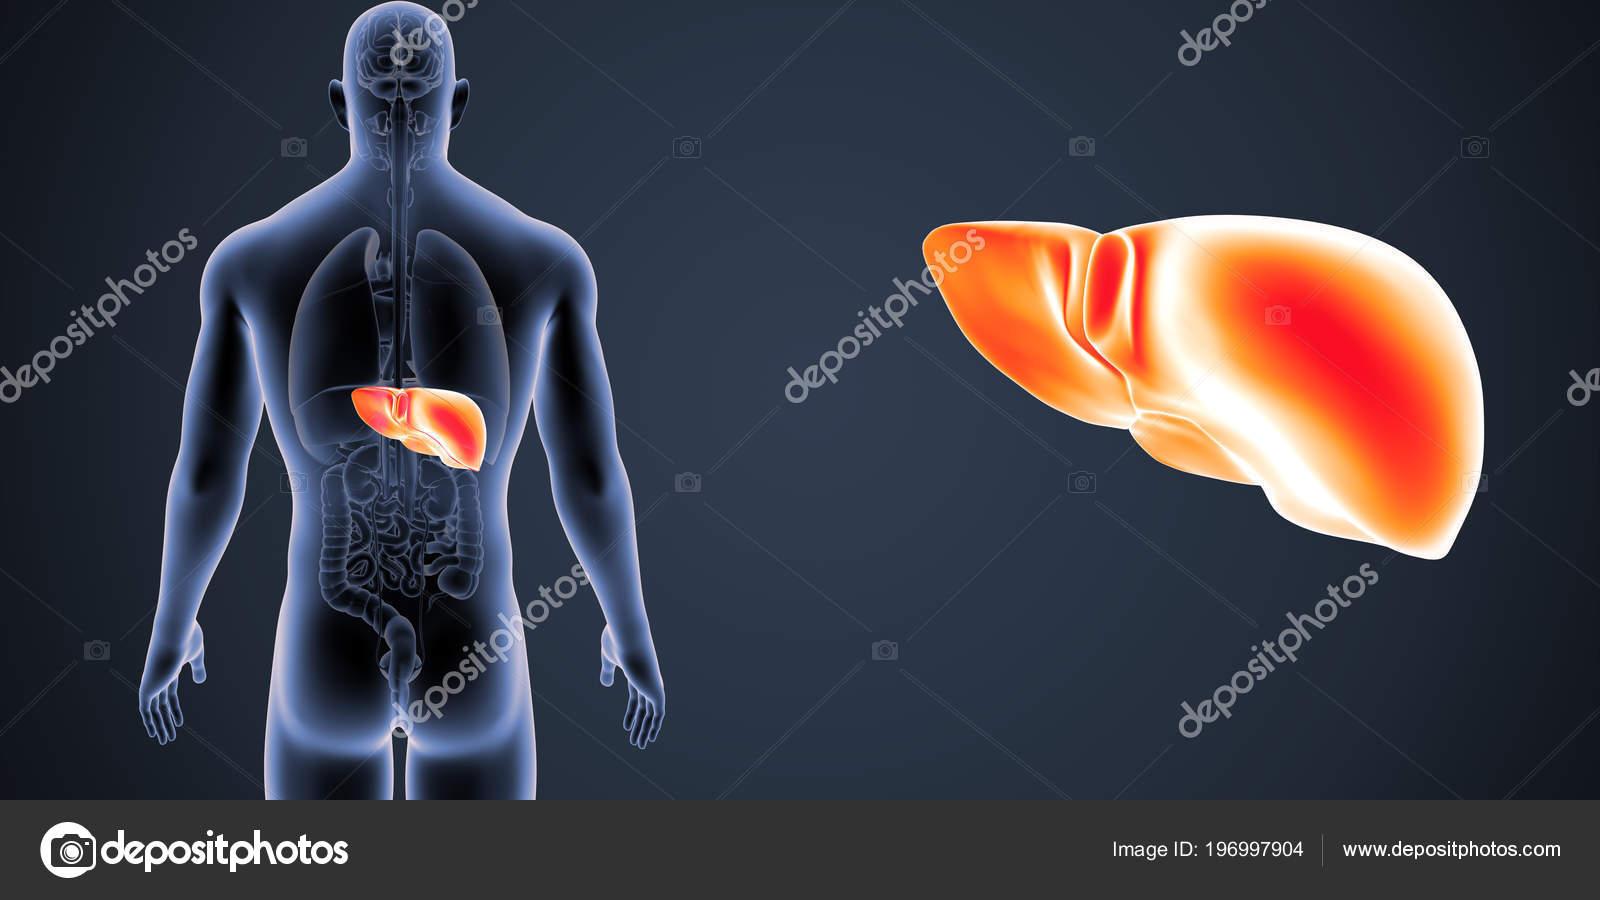 Colorida Ilustración Médica Del Cuerpo Humano Del Hígado — Foto de ...